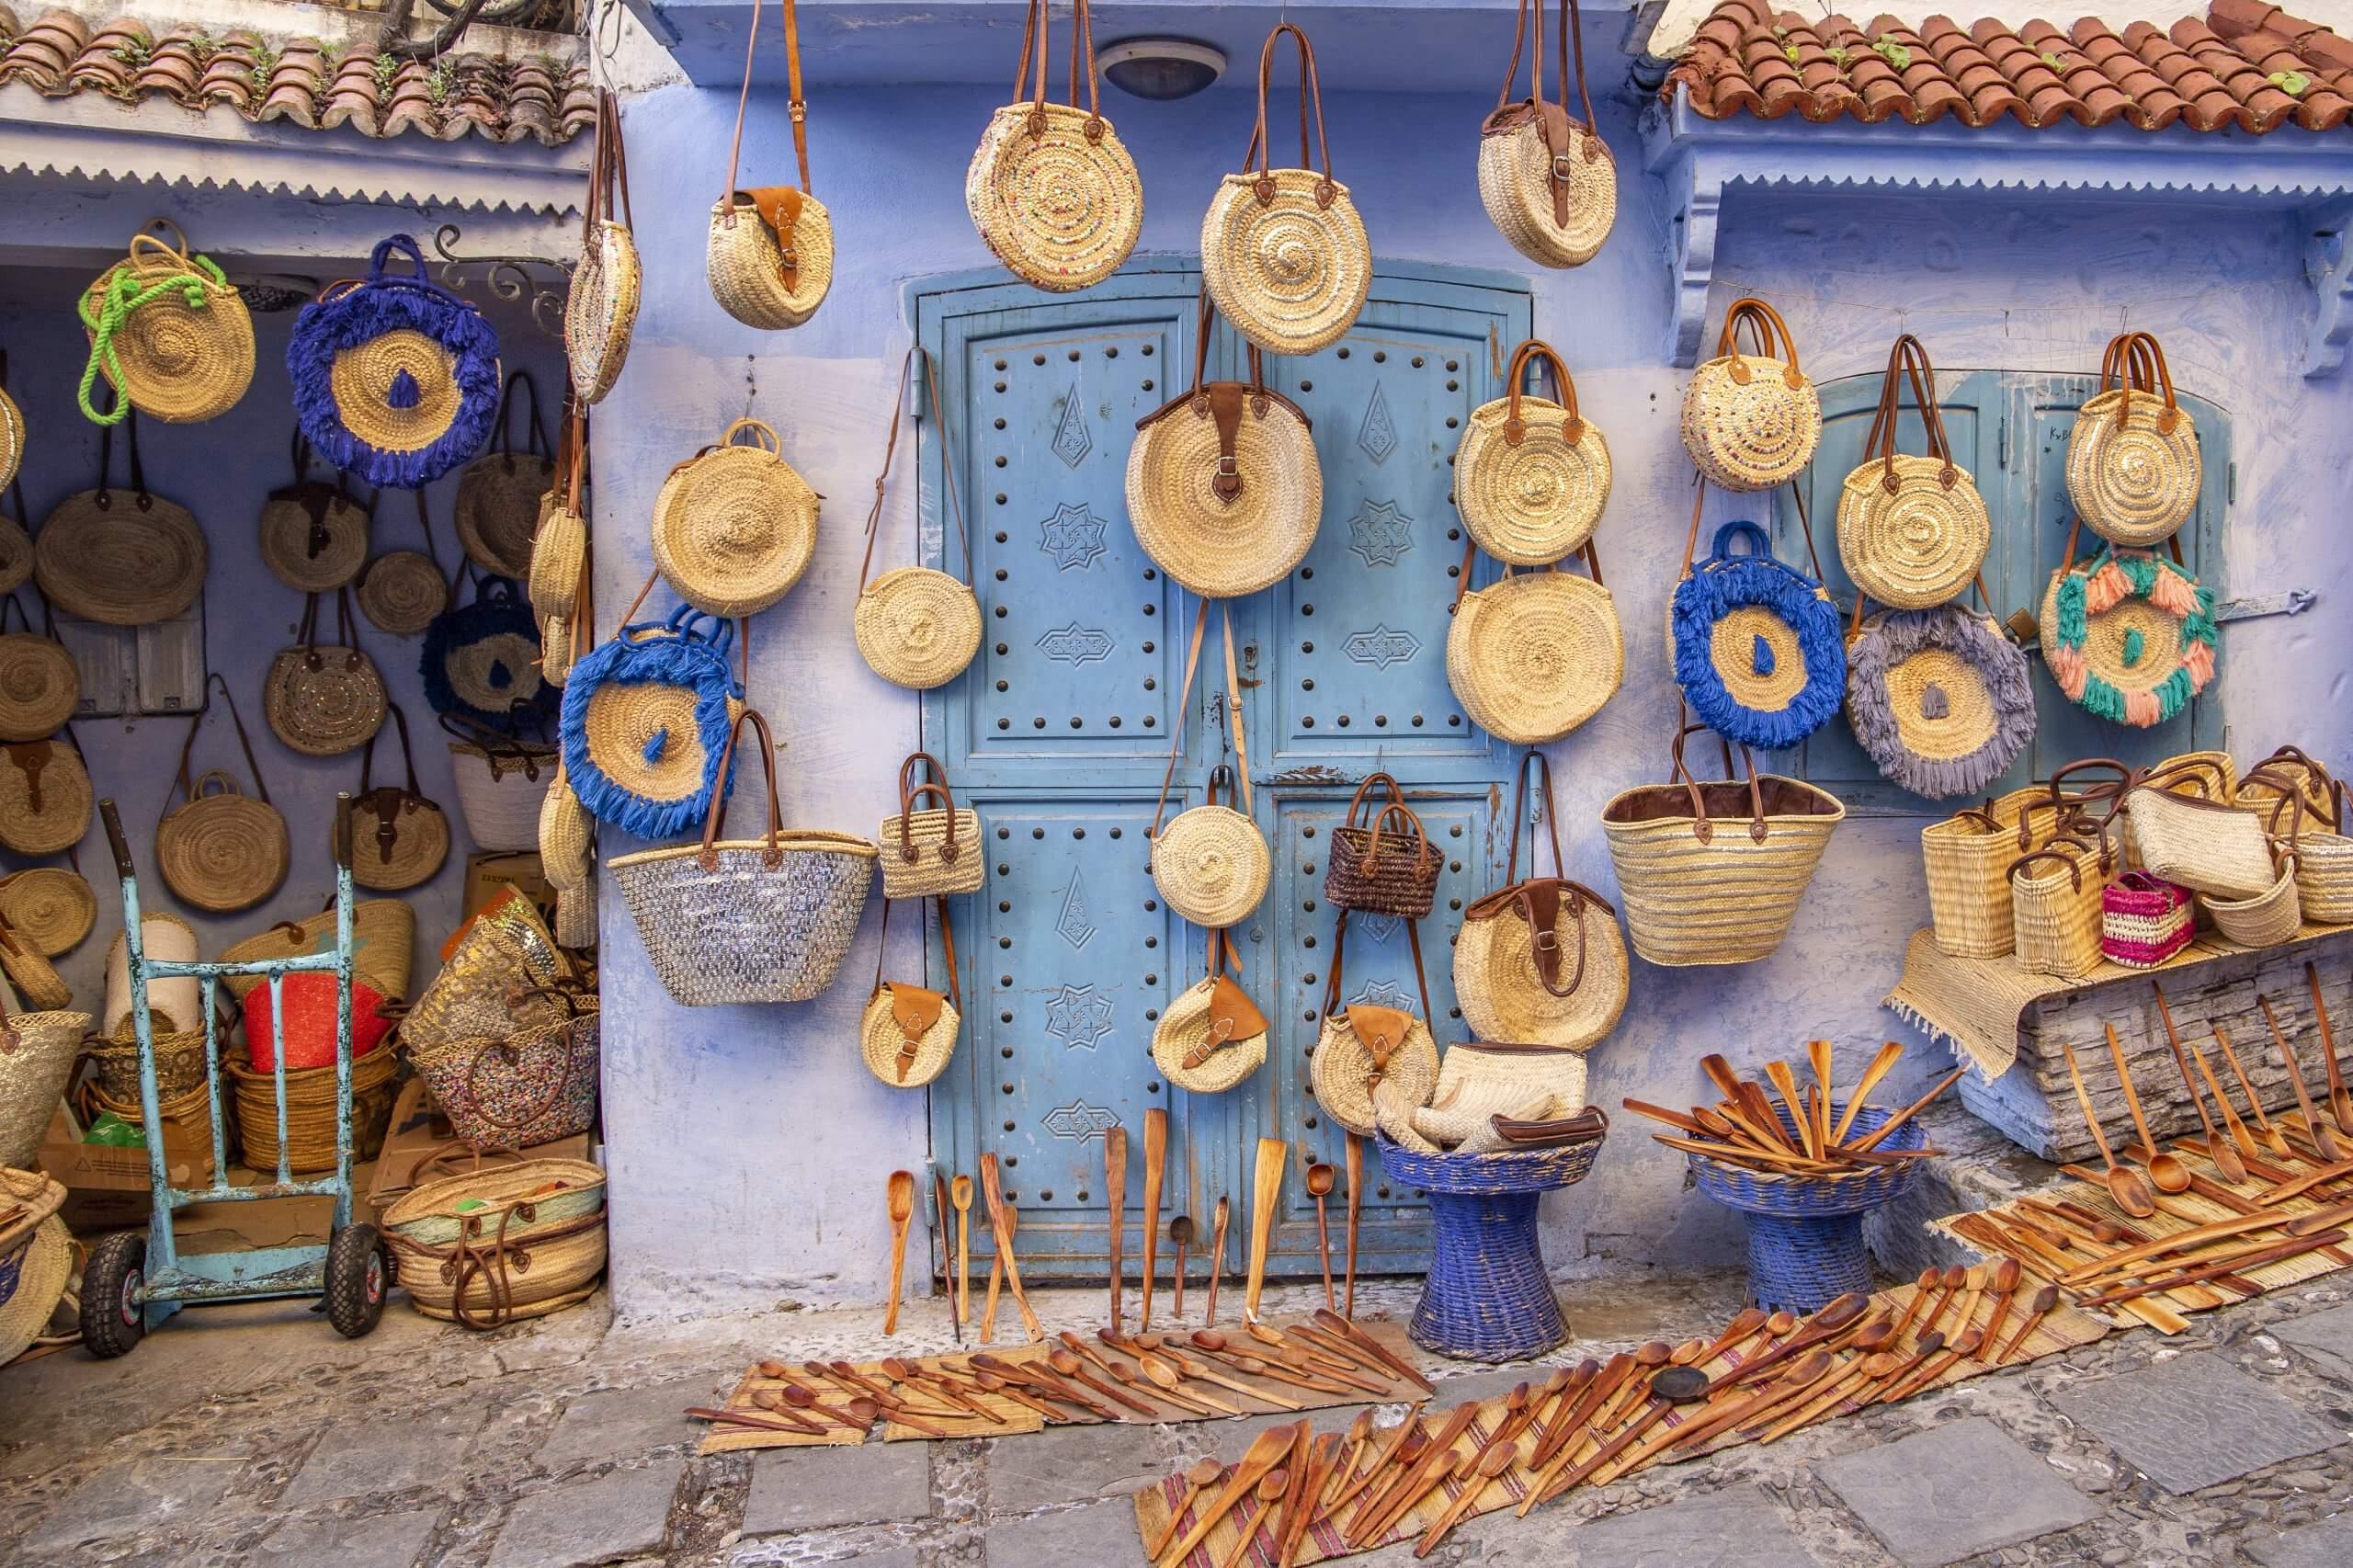 Verkaufsstand in Chefchaouen